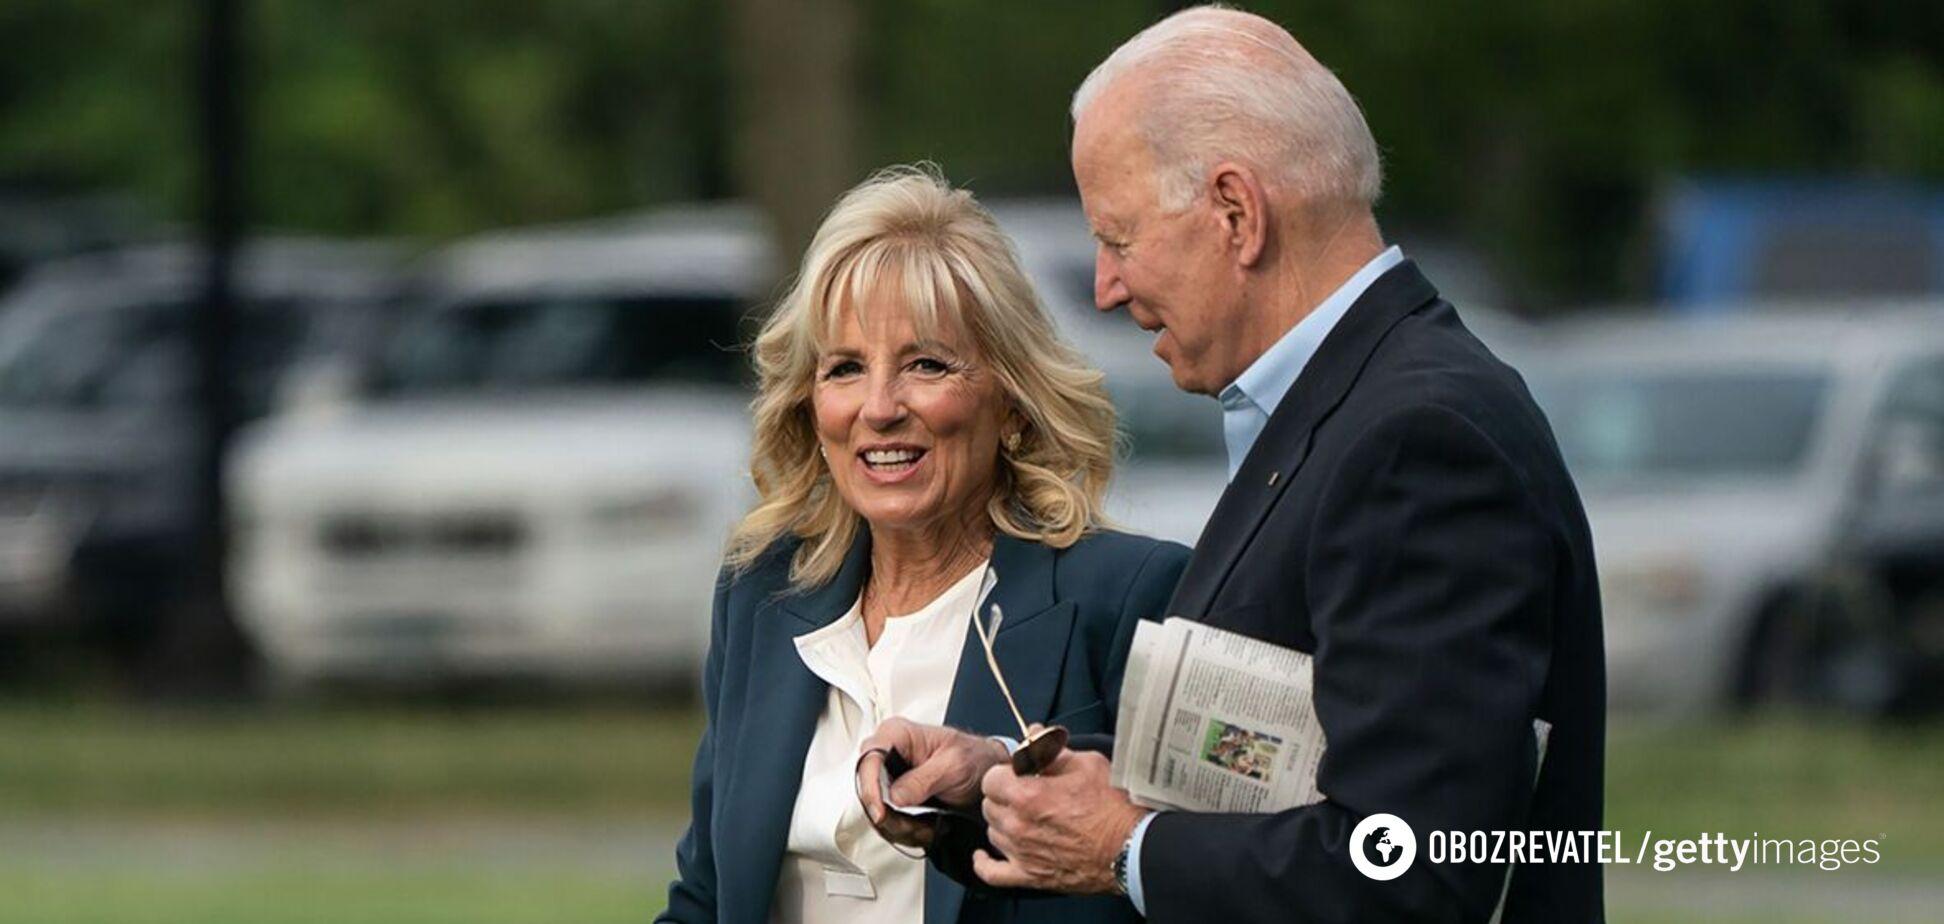 Байден посетил Белый дом с 27-летней внучкой: как она выглядит. Фото